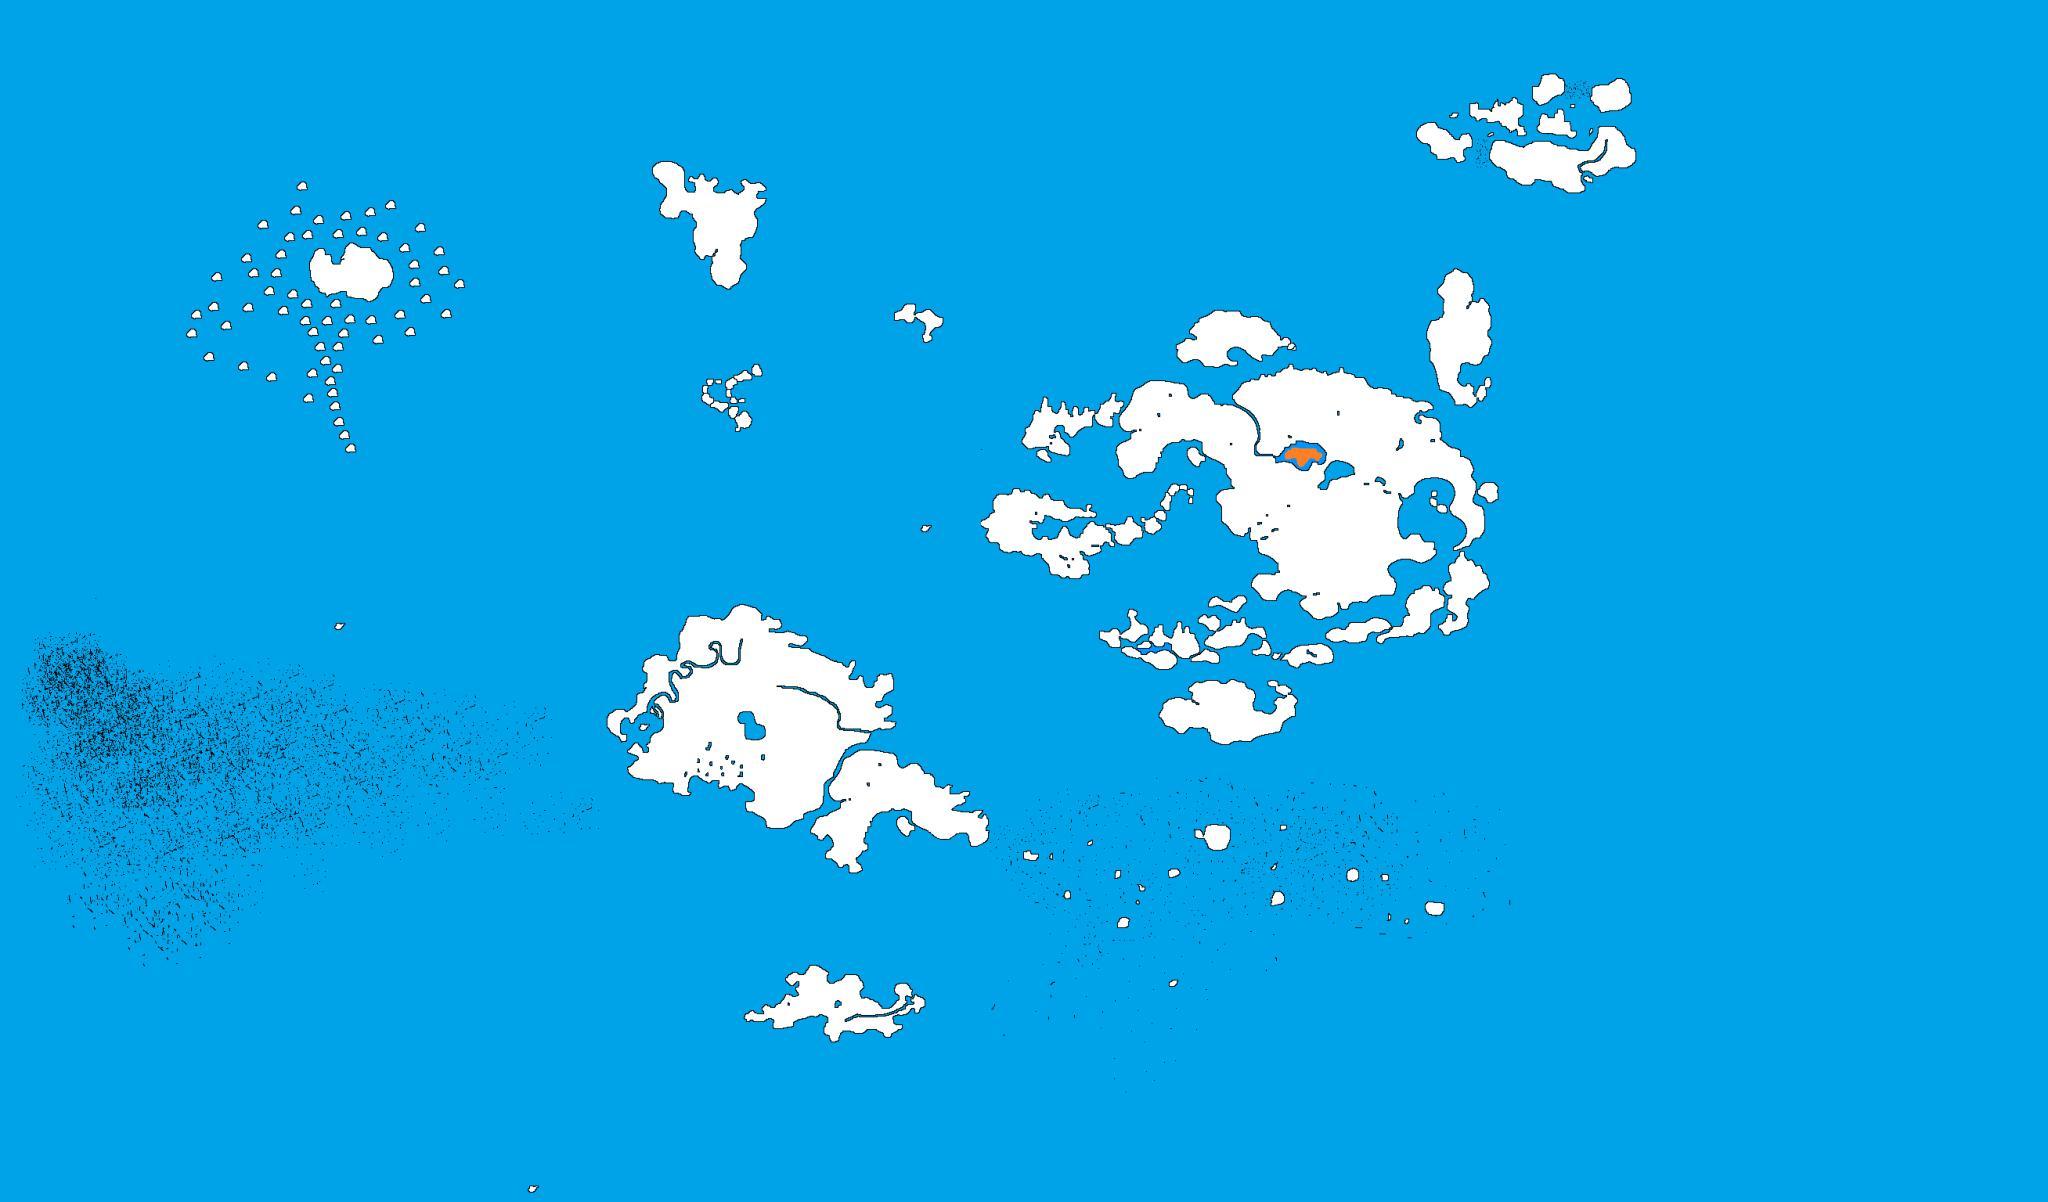 Zdjęcie użytkownika niemamnietu w temacie Mapa i wybór miejsca dla państwa